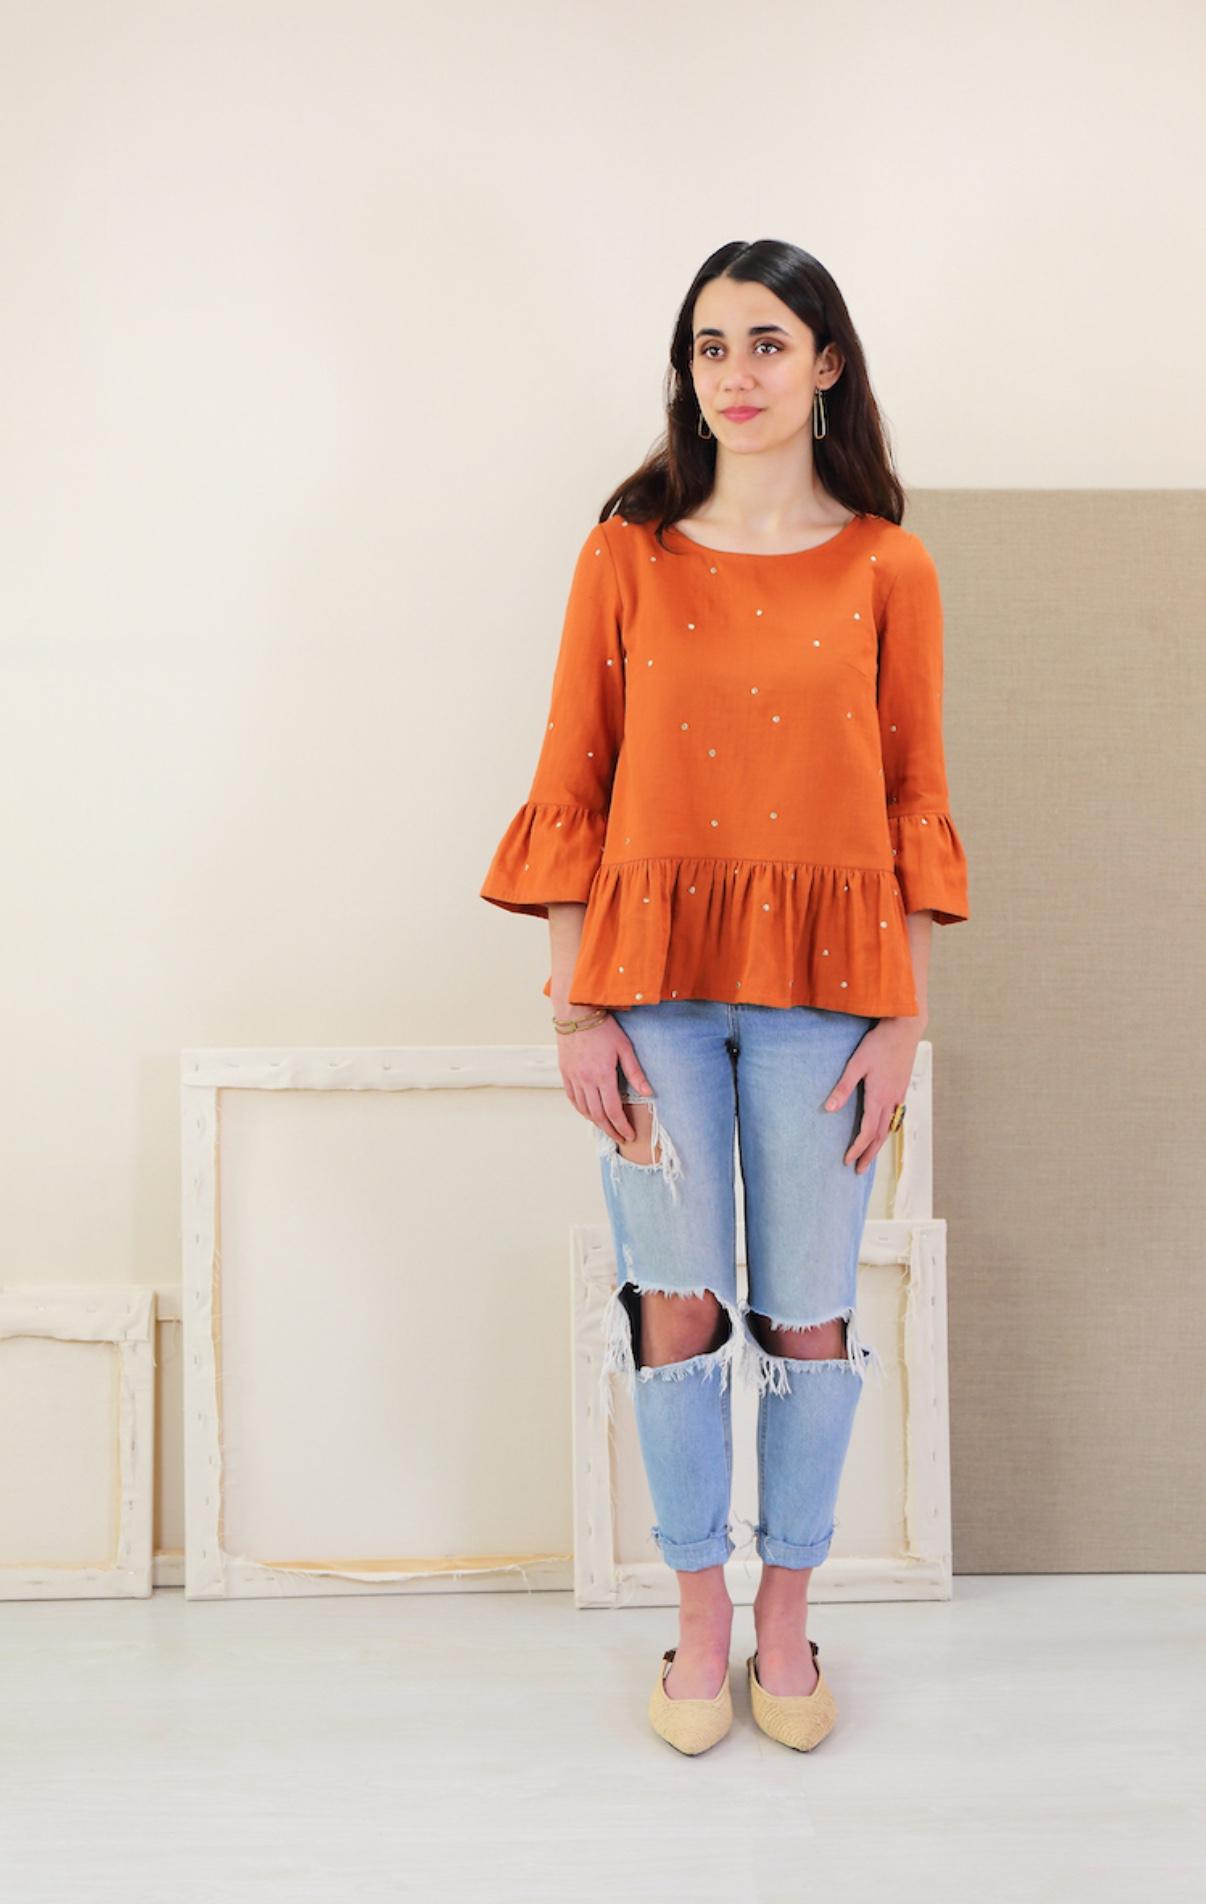 Gelato top/dress sewing pattern from Liesl & Co